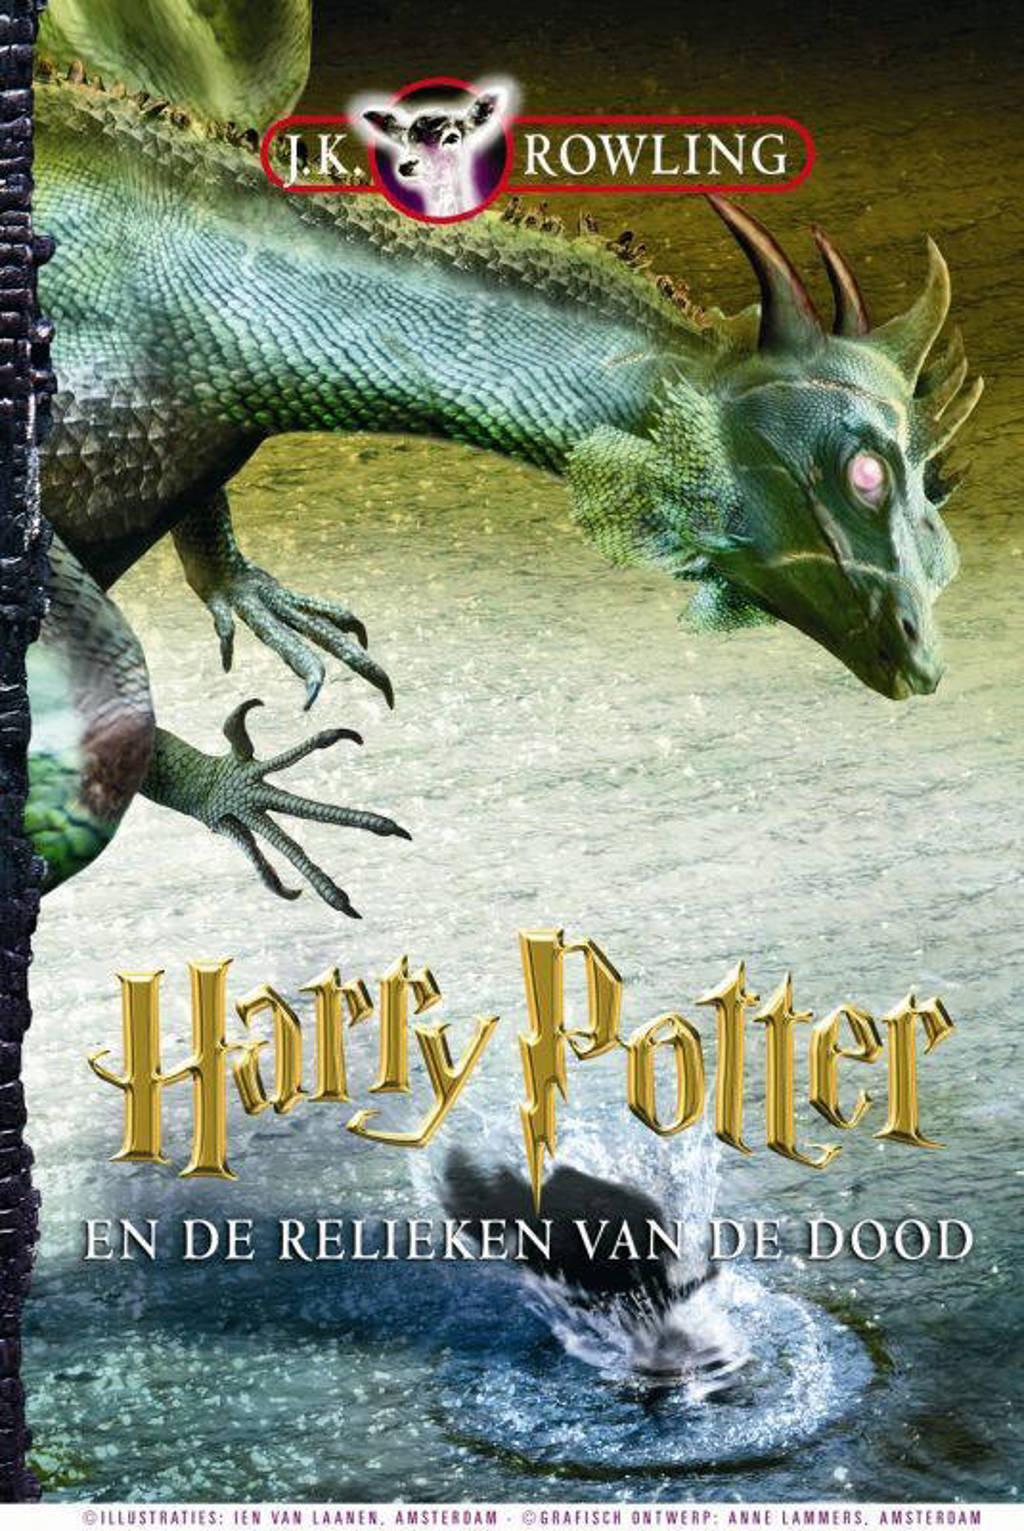 Harry Potter: Harry Potter en de relieken van de dood - J.K. Rowling